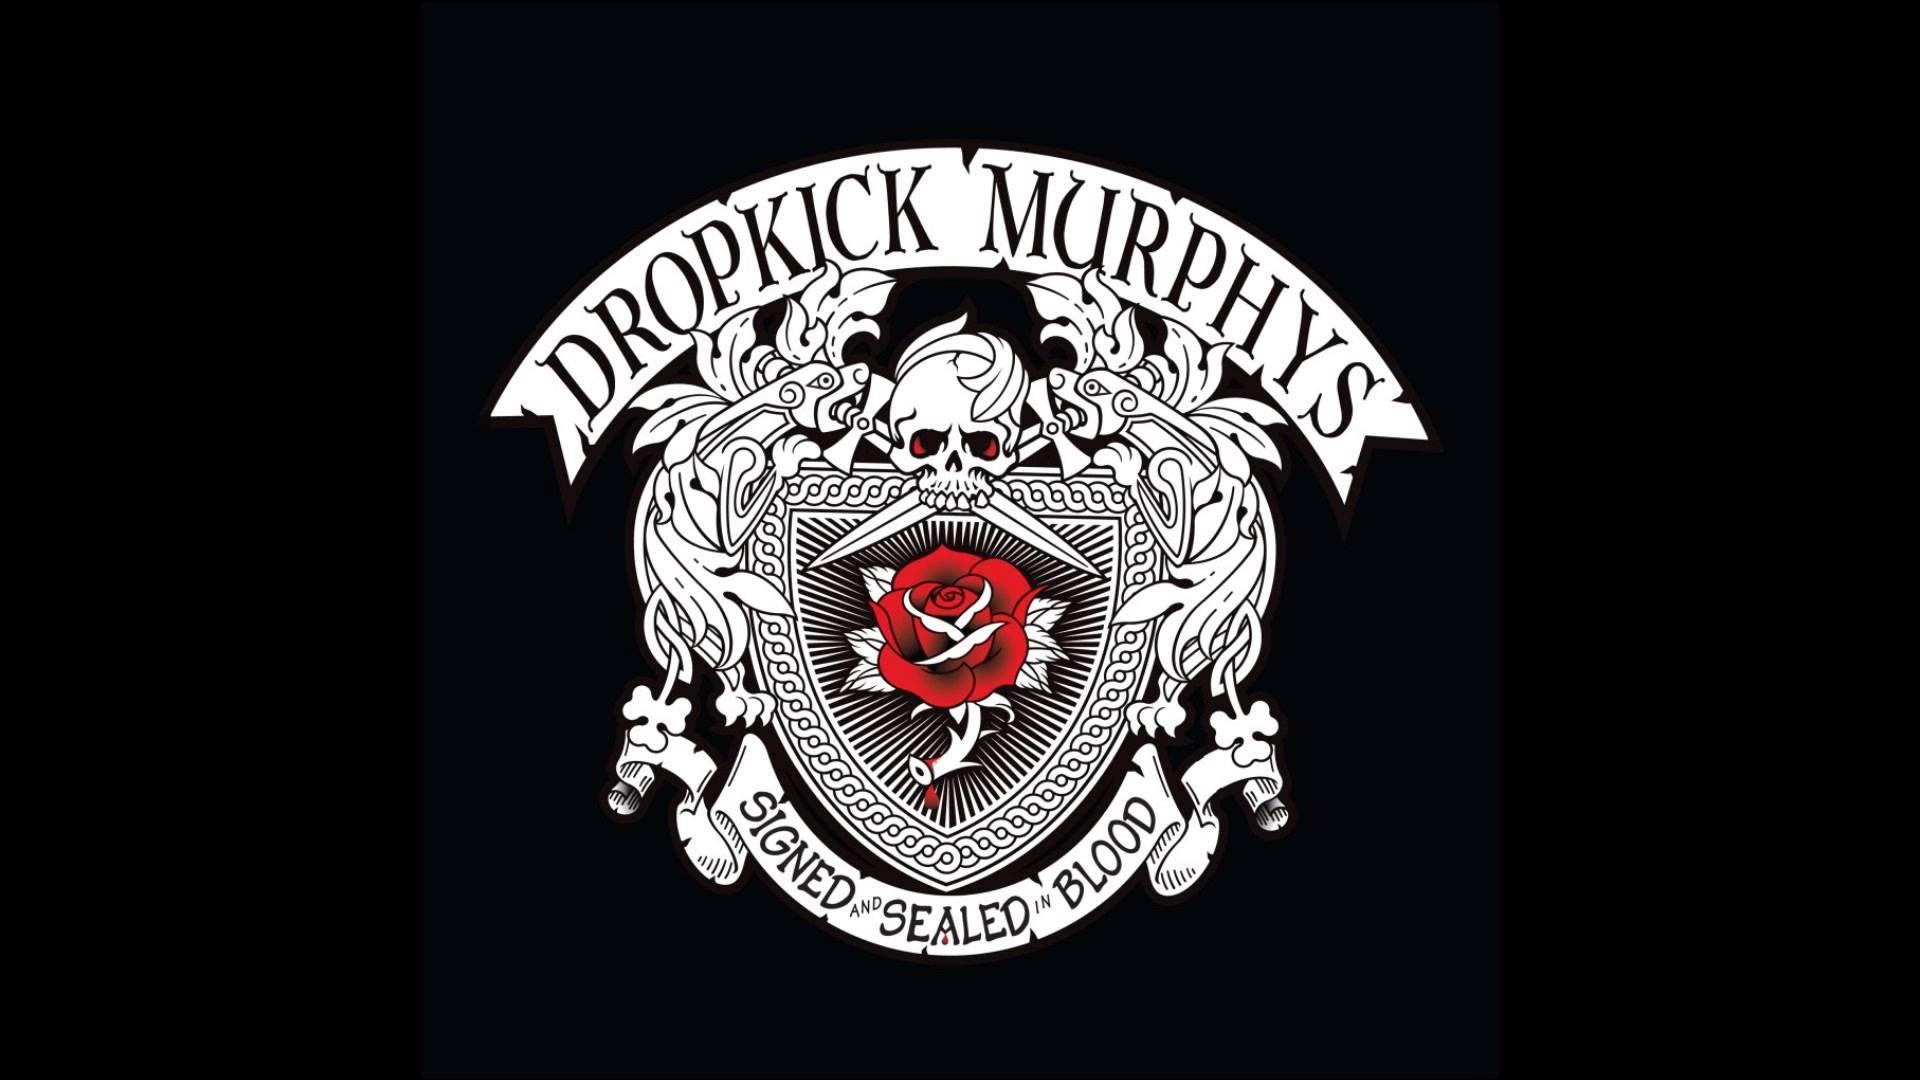 Dropkick Murphys Wallpaper Rose tattoo dropkick murphys